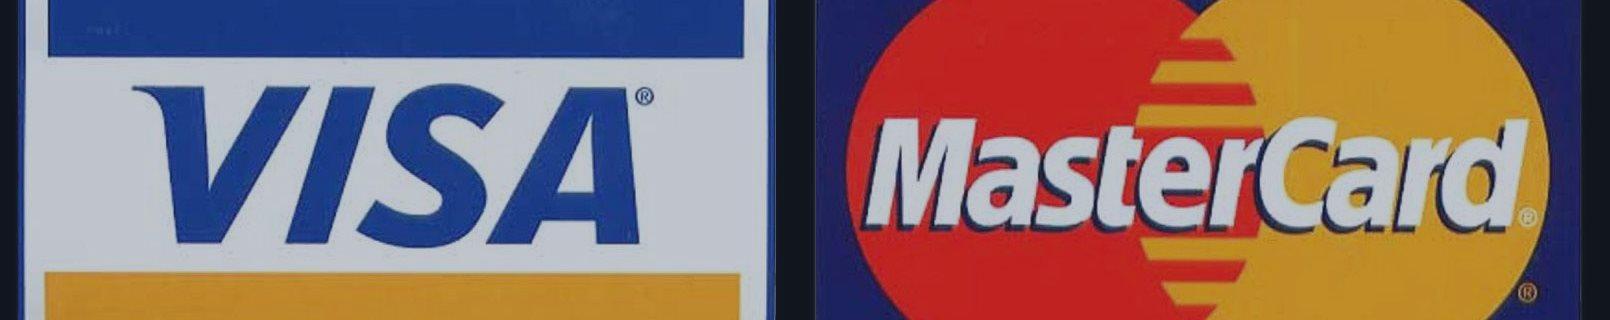 ФАС выразила готовность провести проверку Visa и MasterCard